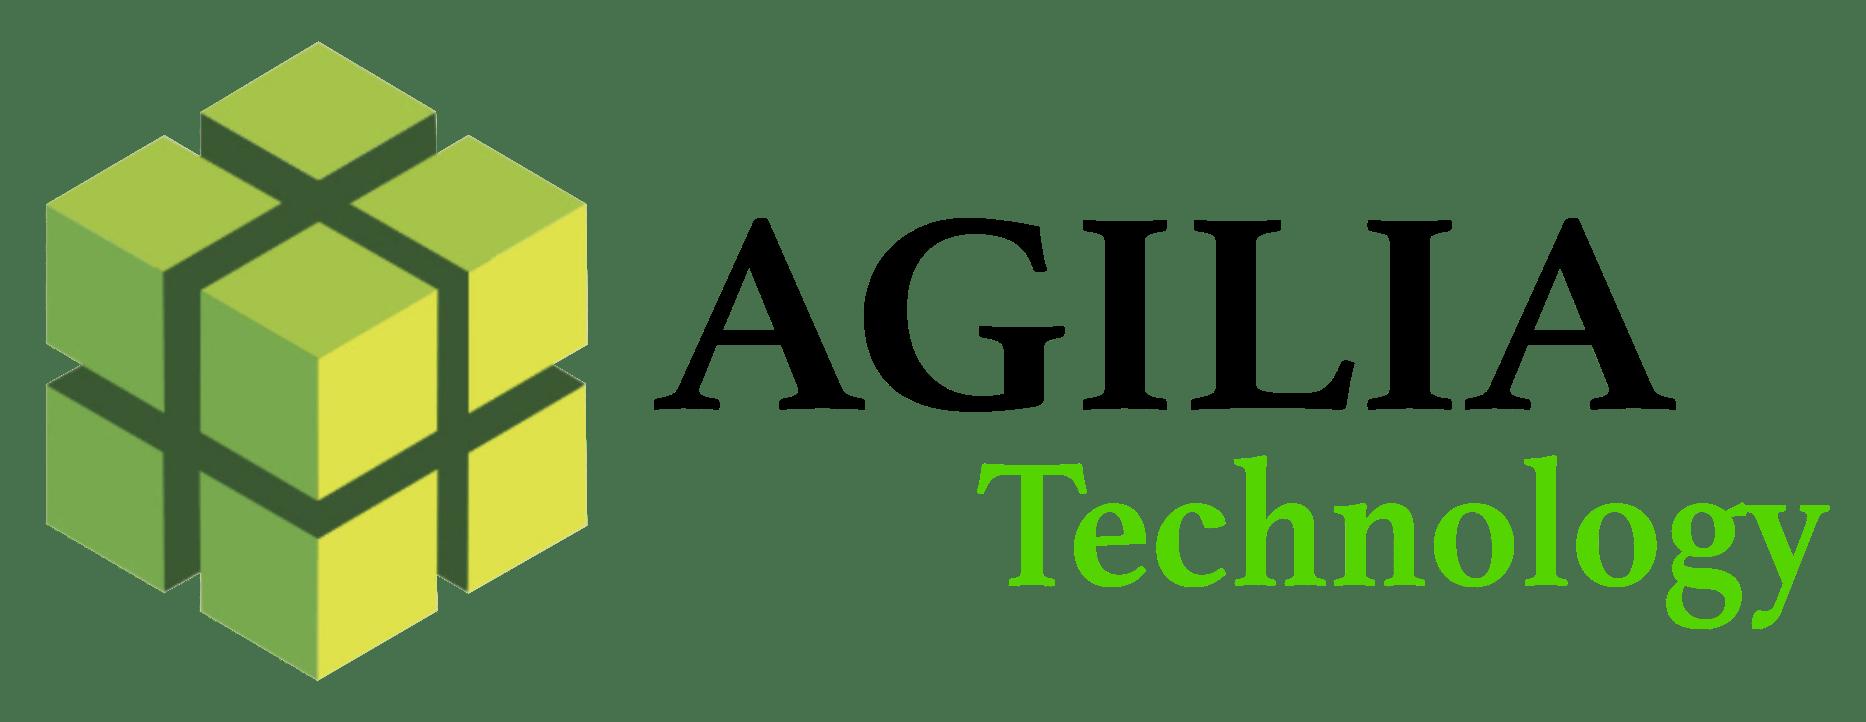 Agilia technology